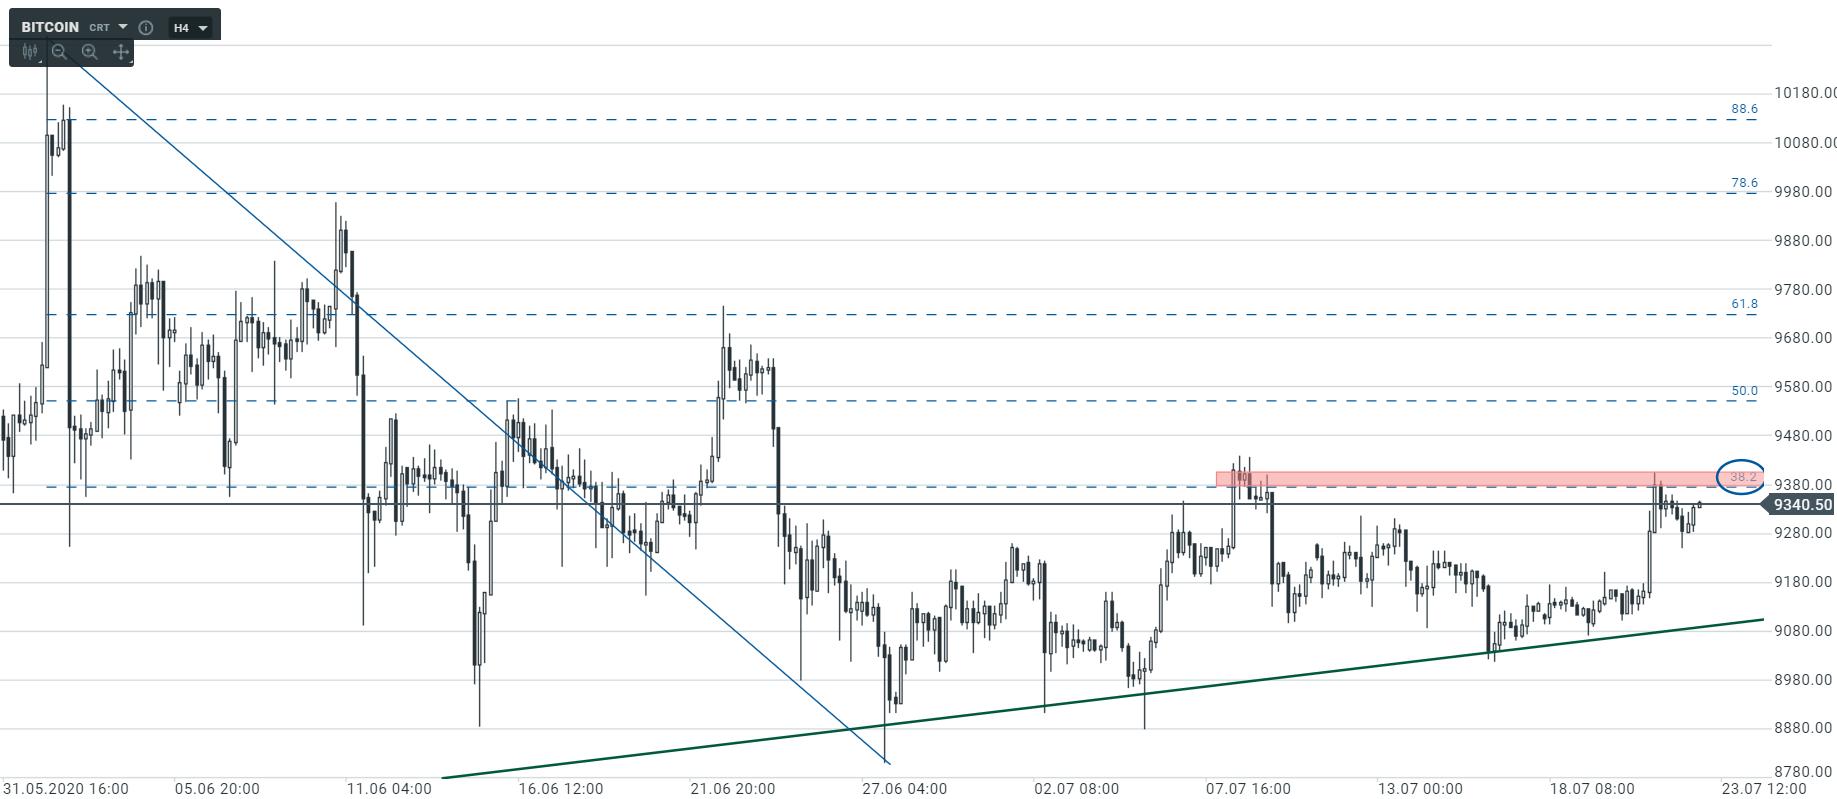 Kolejne sygnały wzrostowe na Bitcoinie?